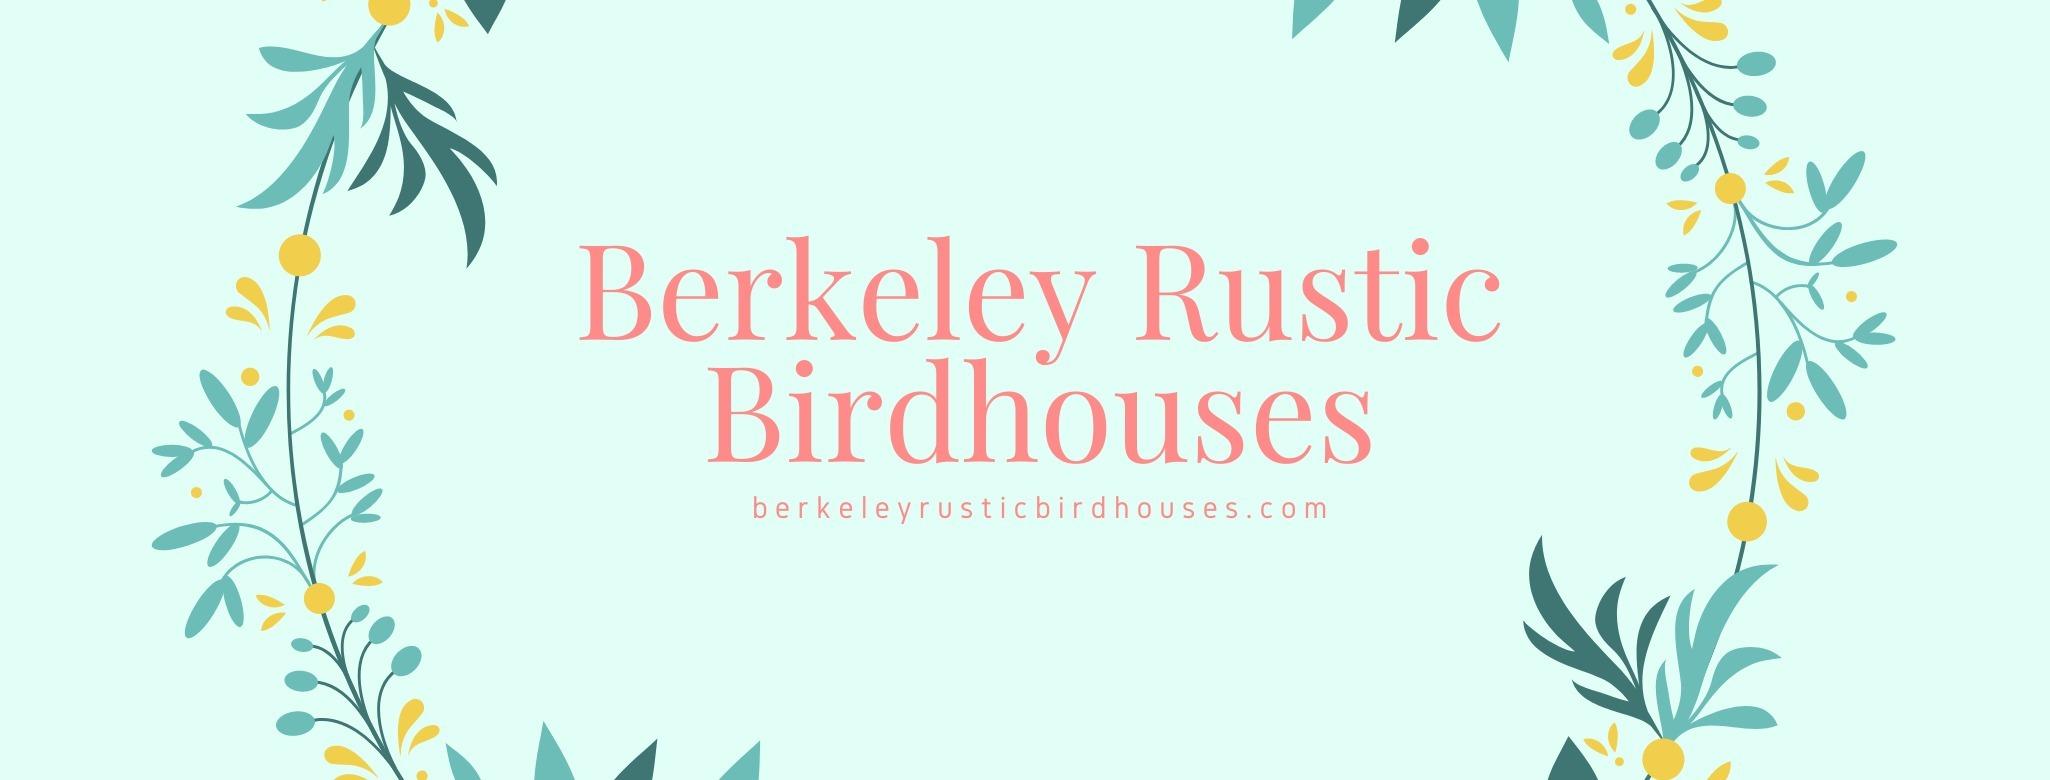 Berkeley rusticbirdhouses (@berkeleyrusticbirdhouses) Cover Image